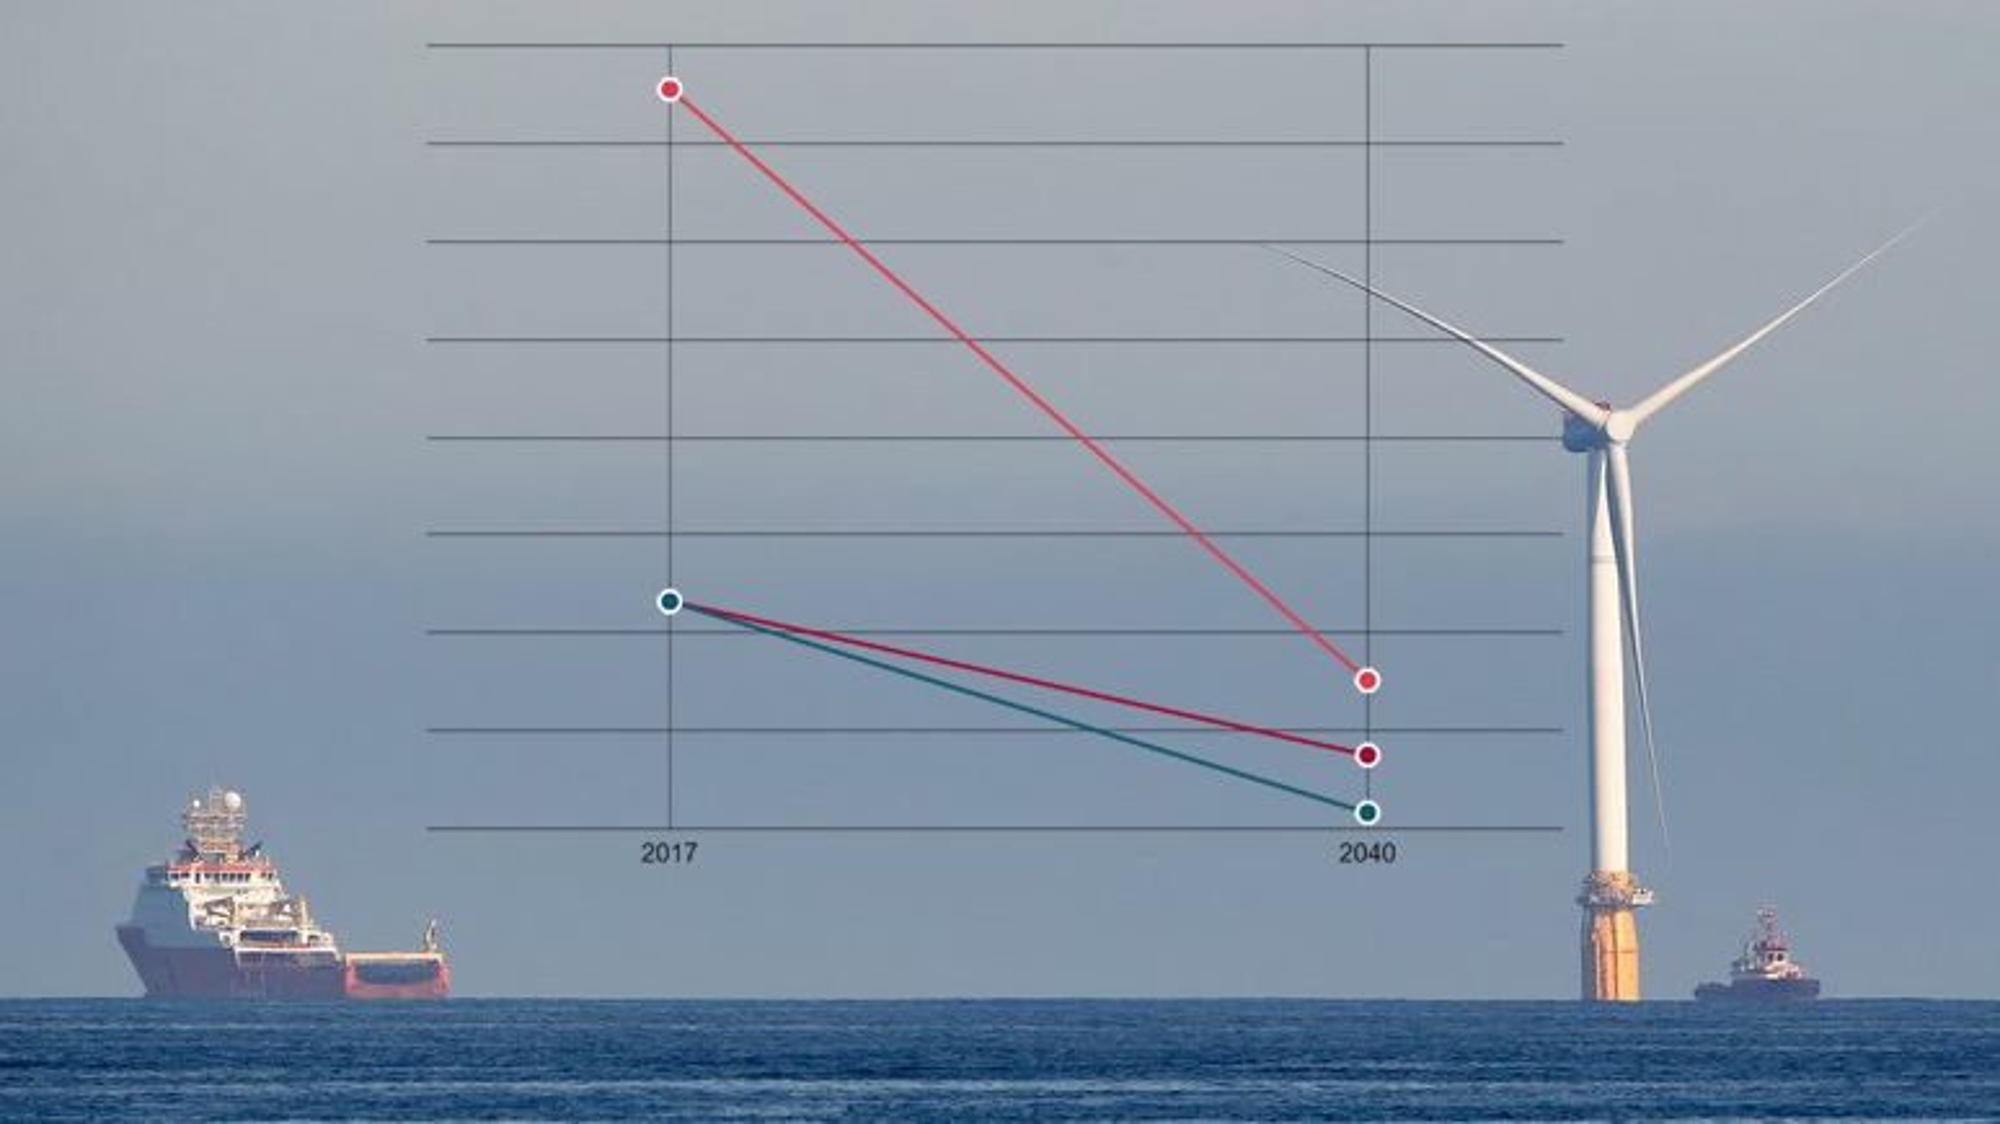 Prisene på fornybar energi skal fortsatt kraftig ned, ifølge Bloomberg. Kurvene er ikke nødvendigvis helt lineære, slik som i illustrasjonen.